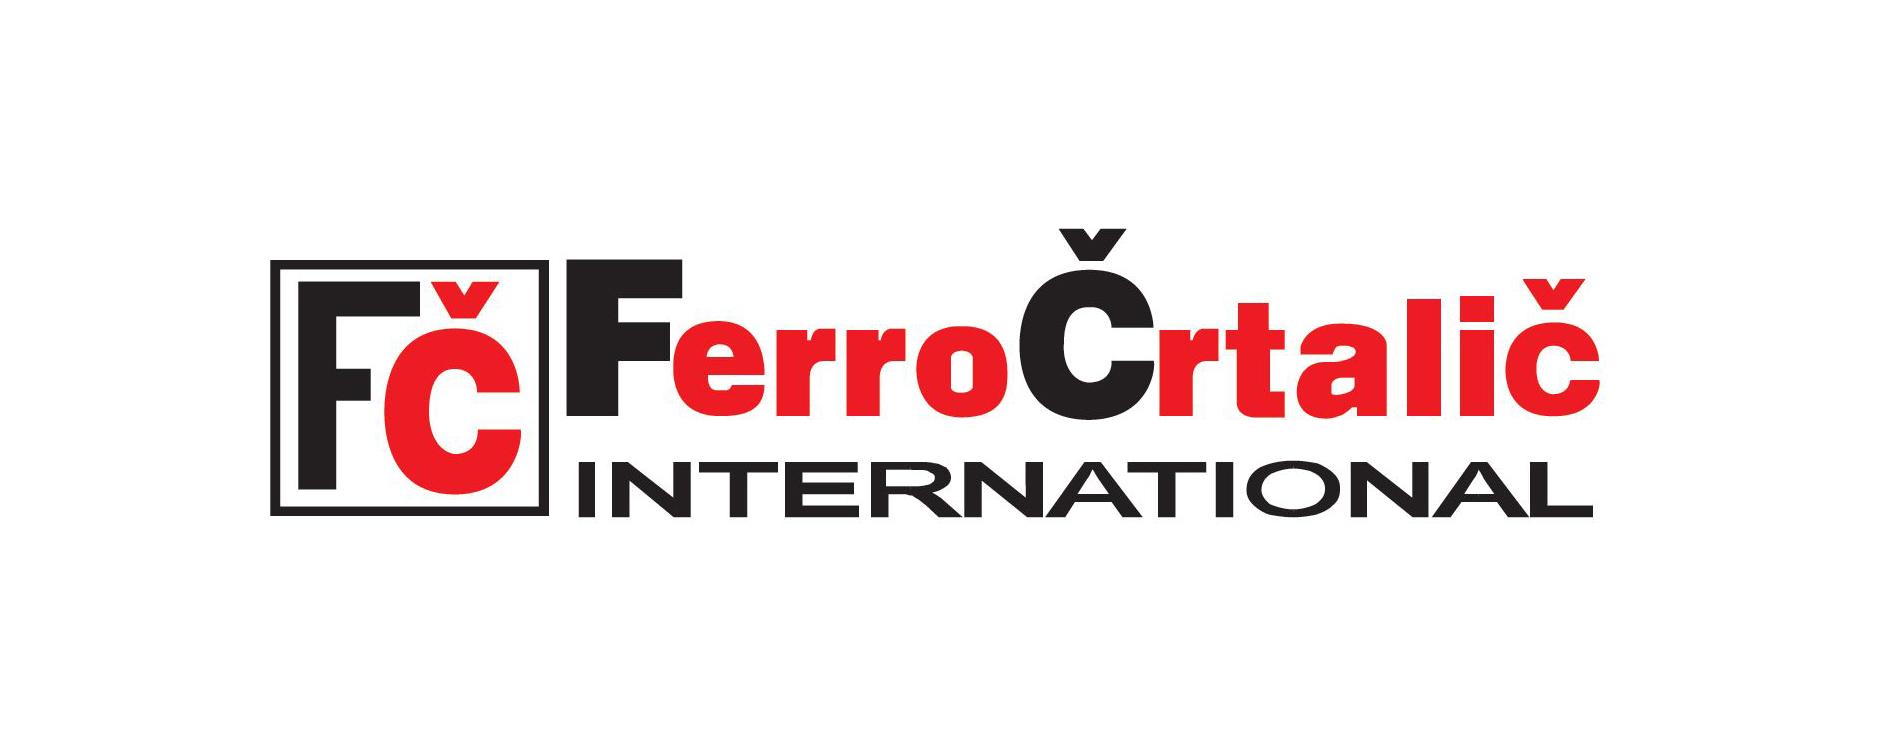 ferrocrtalic